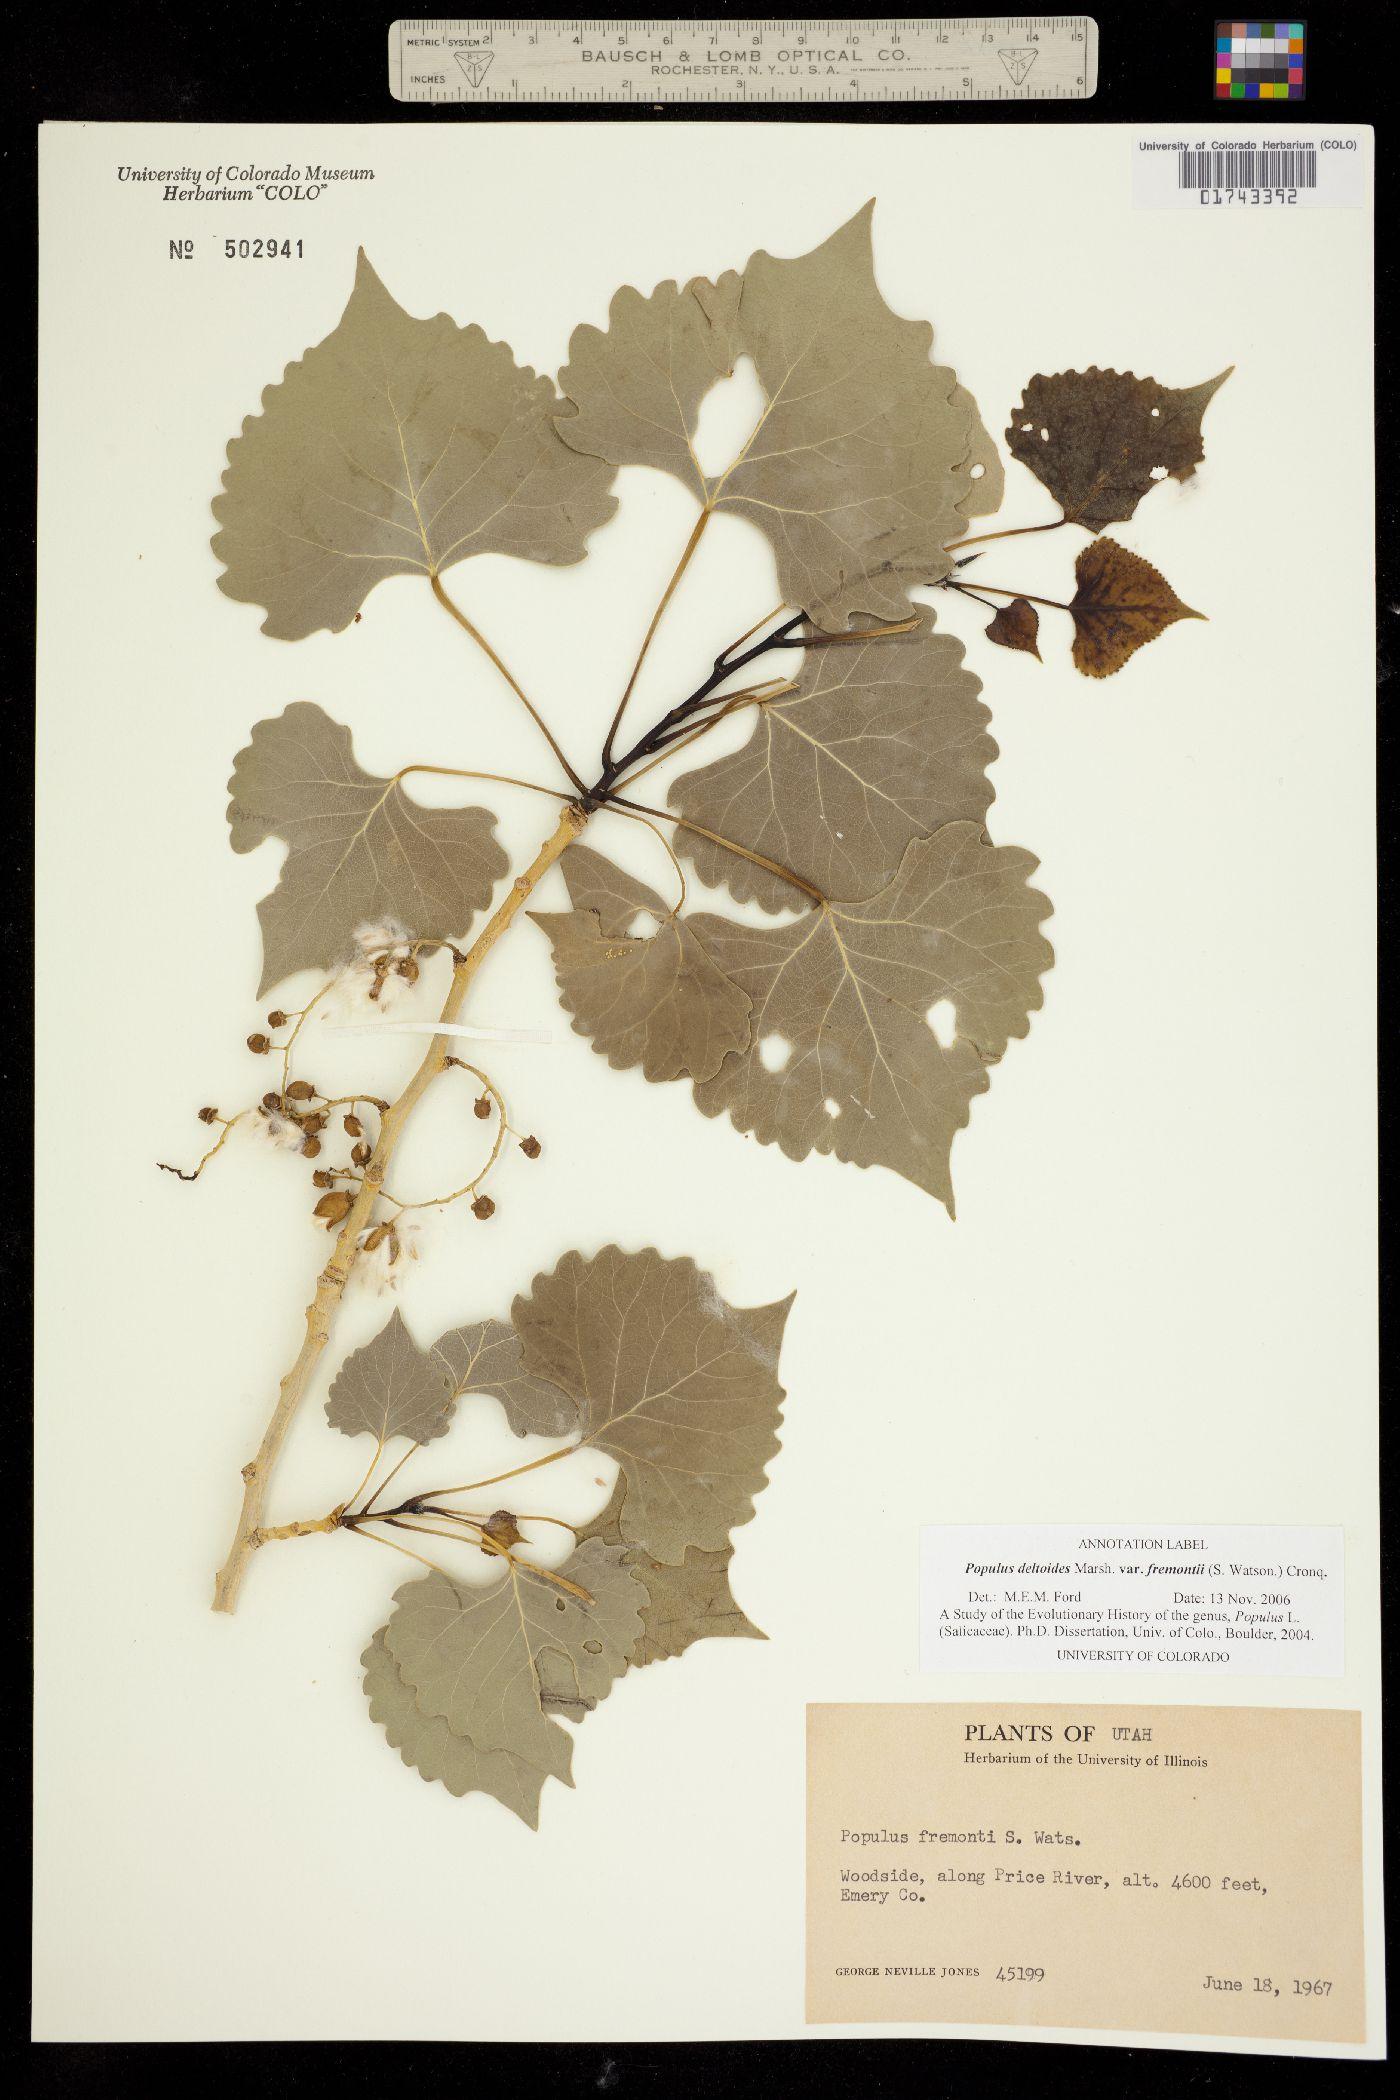 Populus deltoides ssp. fremontii image